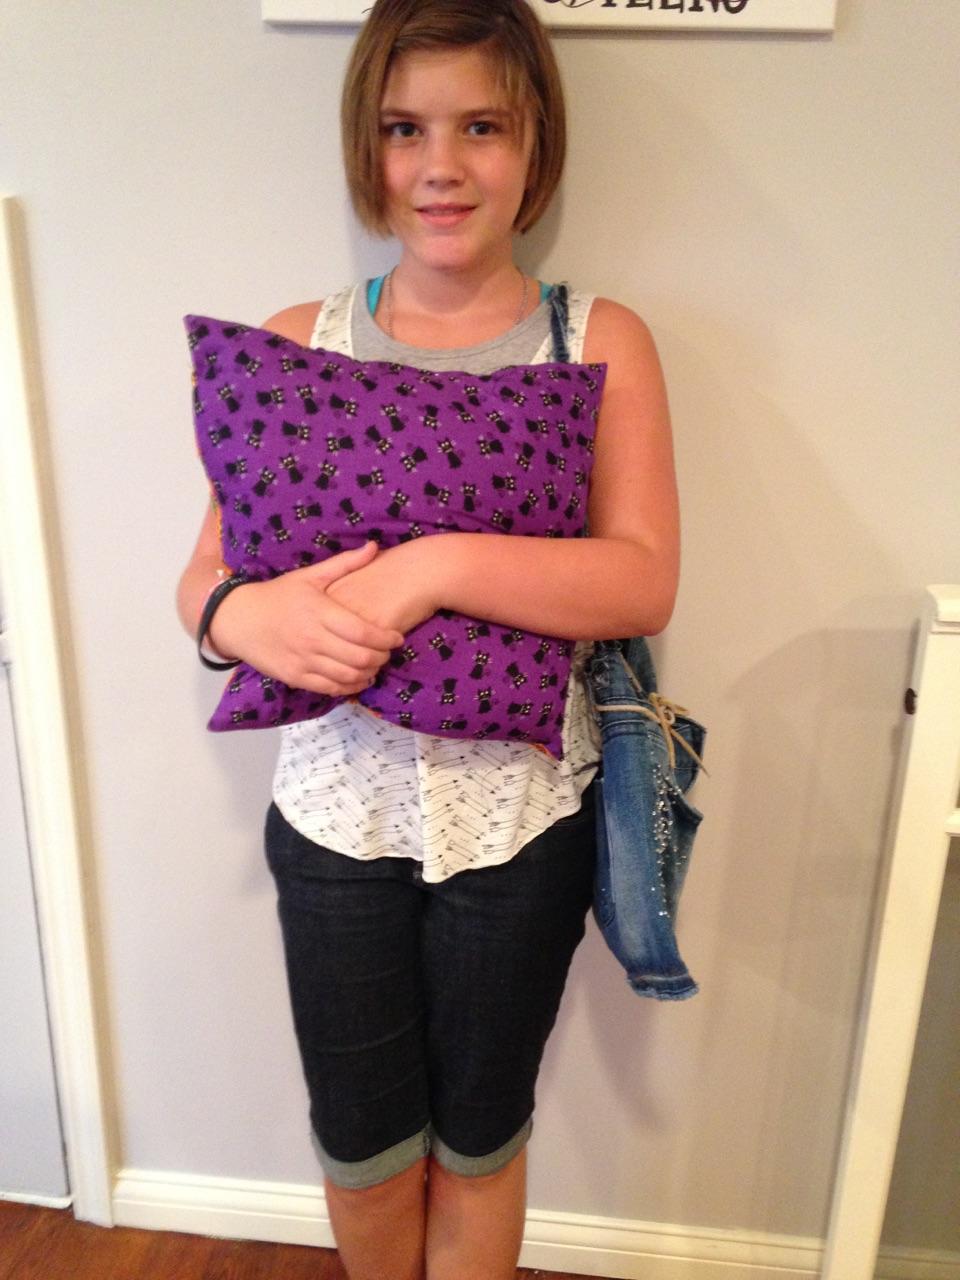 Boo-tiful pillows!